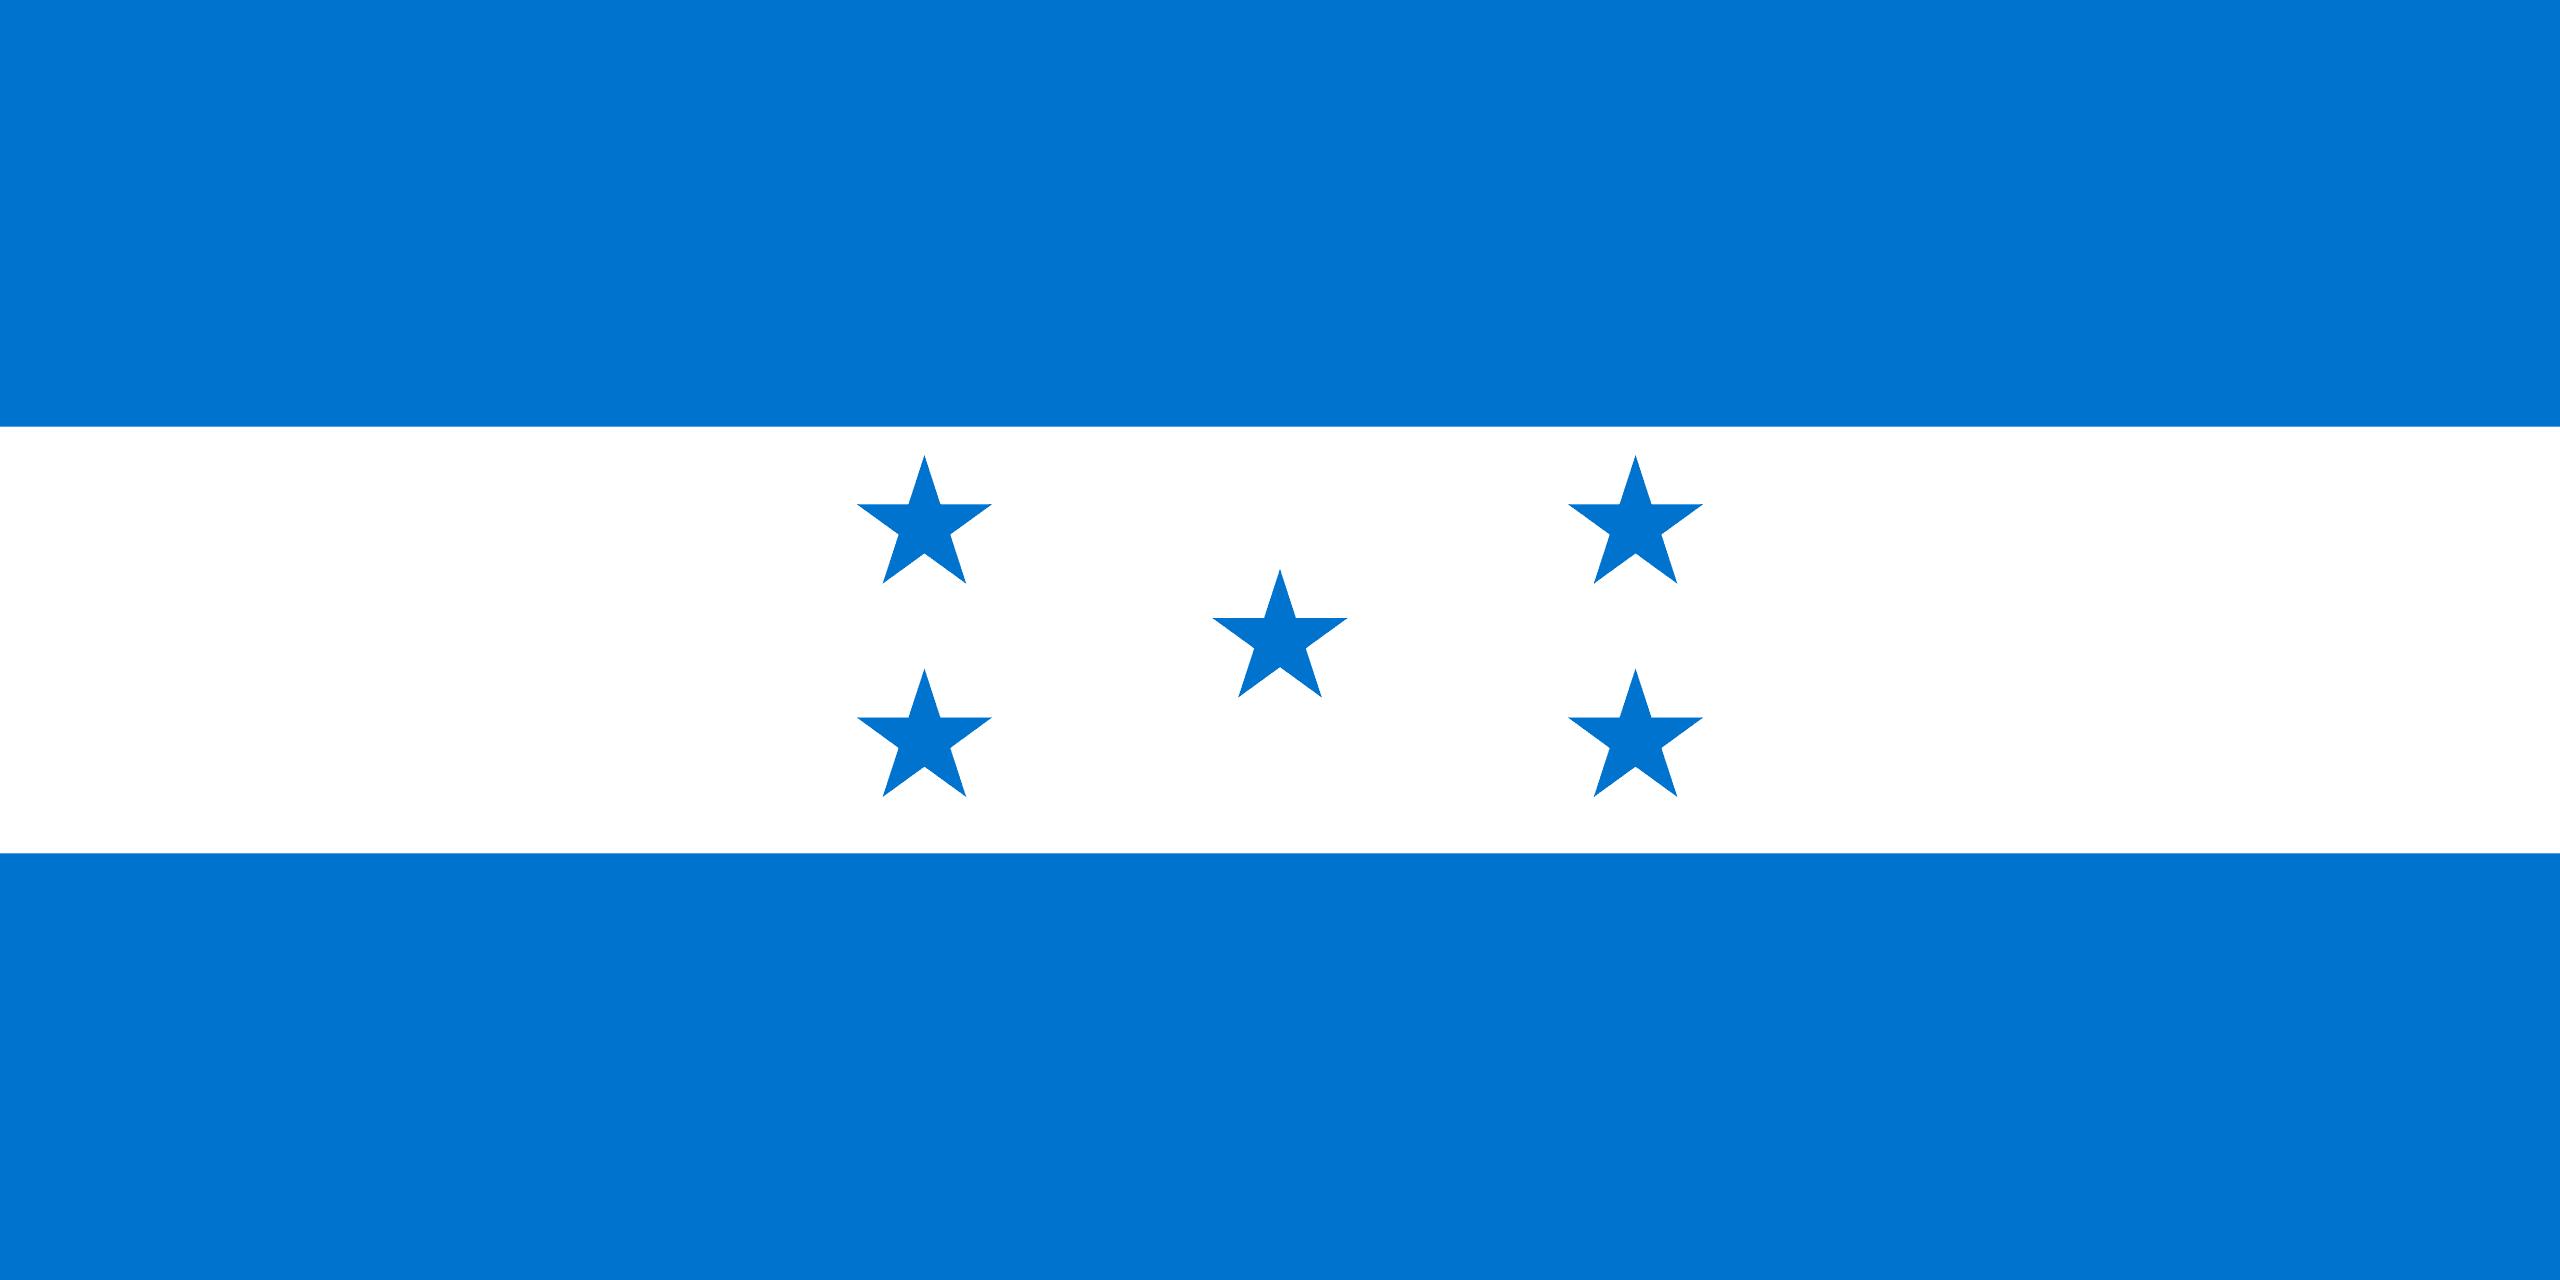 Honduras'ın Başkenti ve Para Birimi Nedir? Honduras'ın Bayrağı Nasıldır?